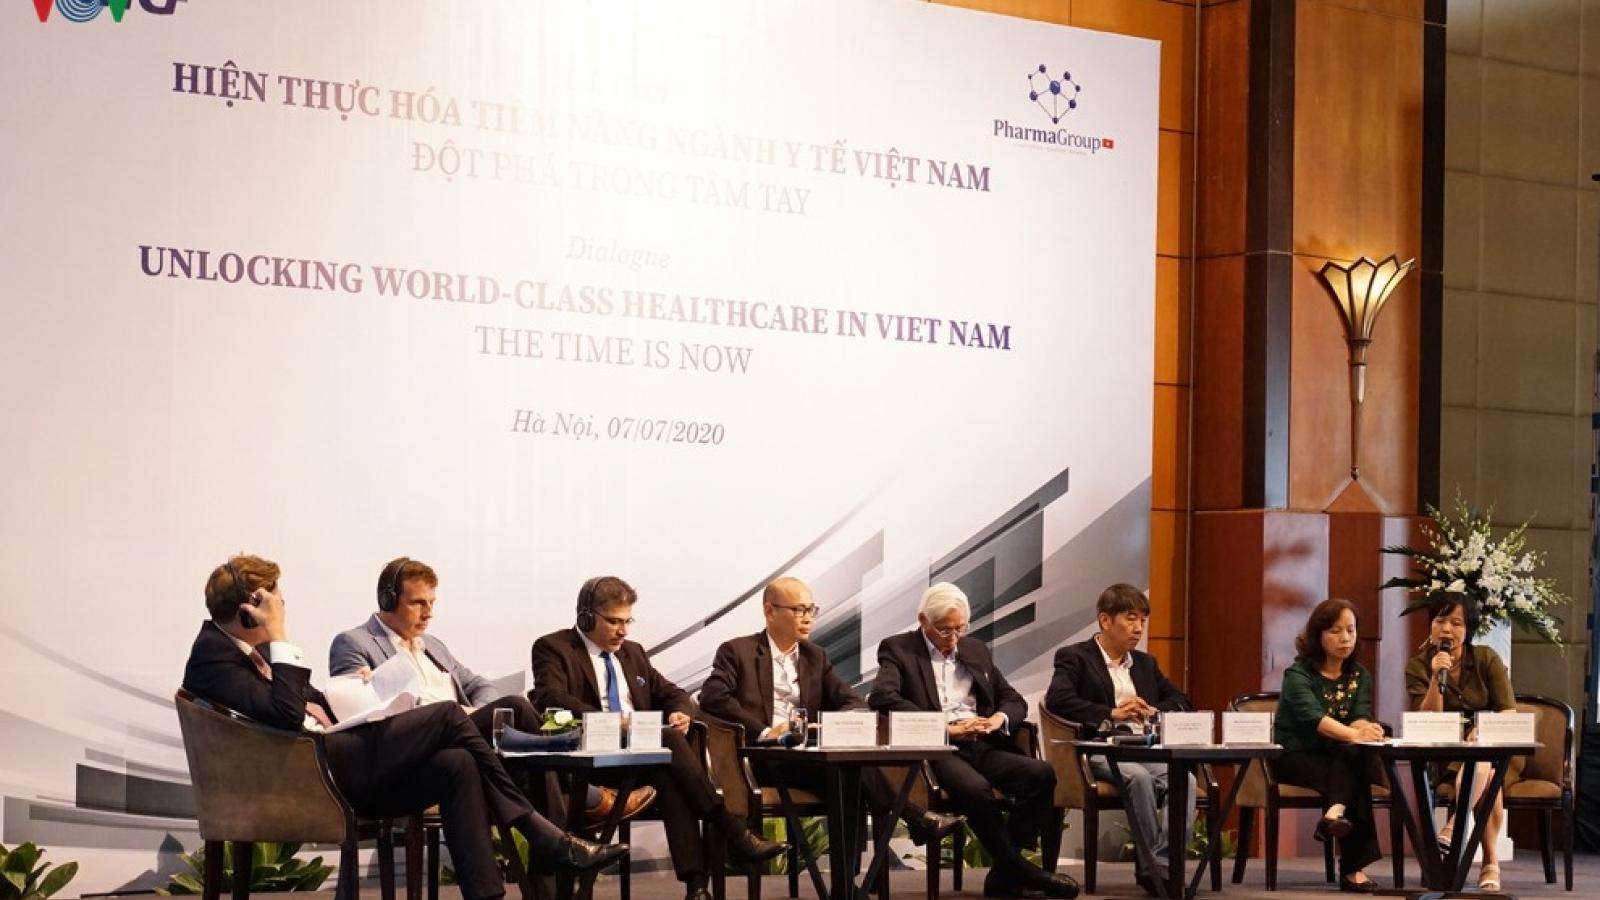 Tiềm năng y tế Việt Nam trong mắt giới chuyên gia nước ngoài